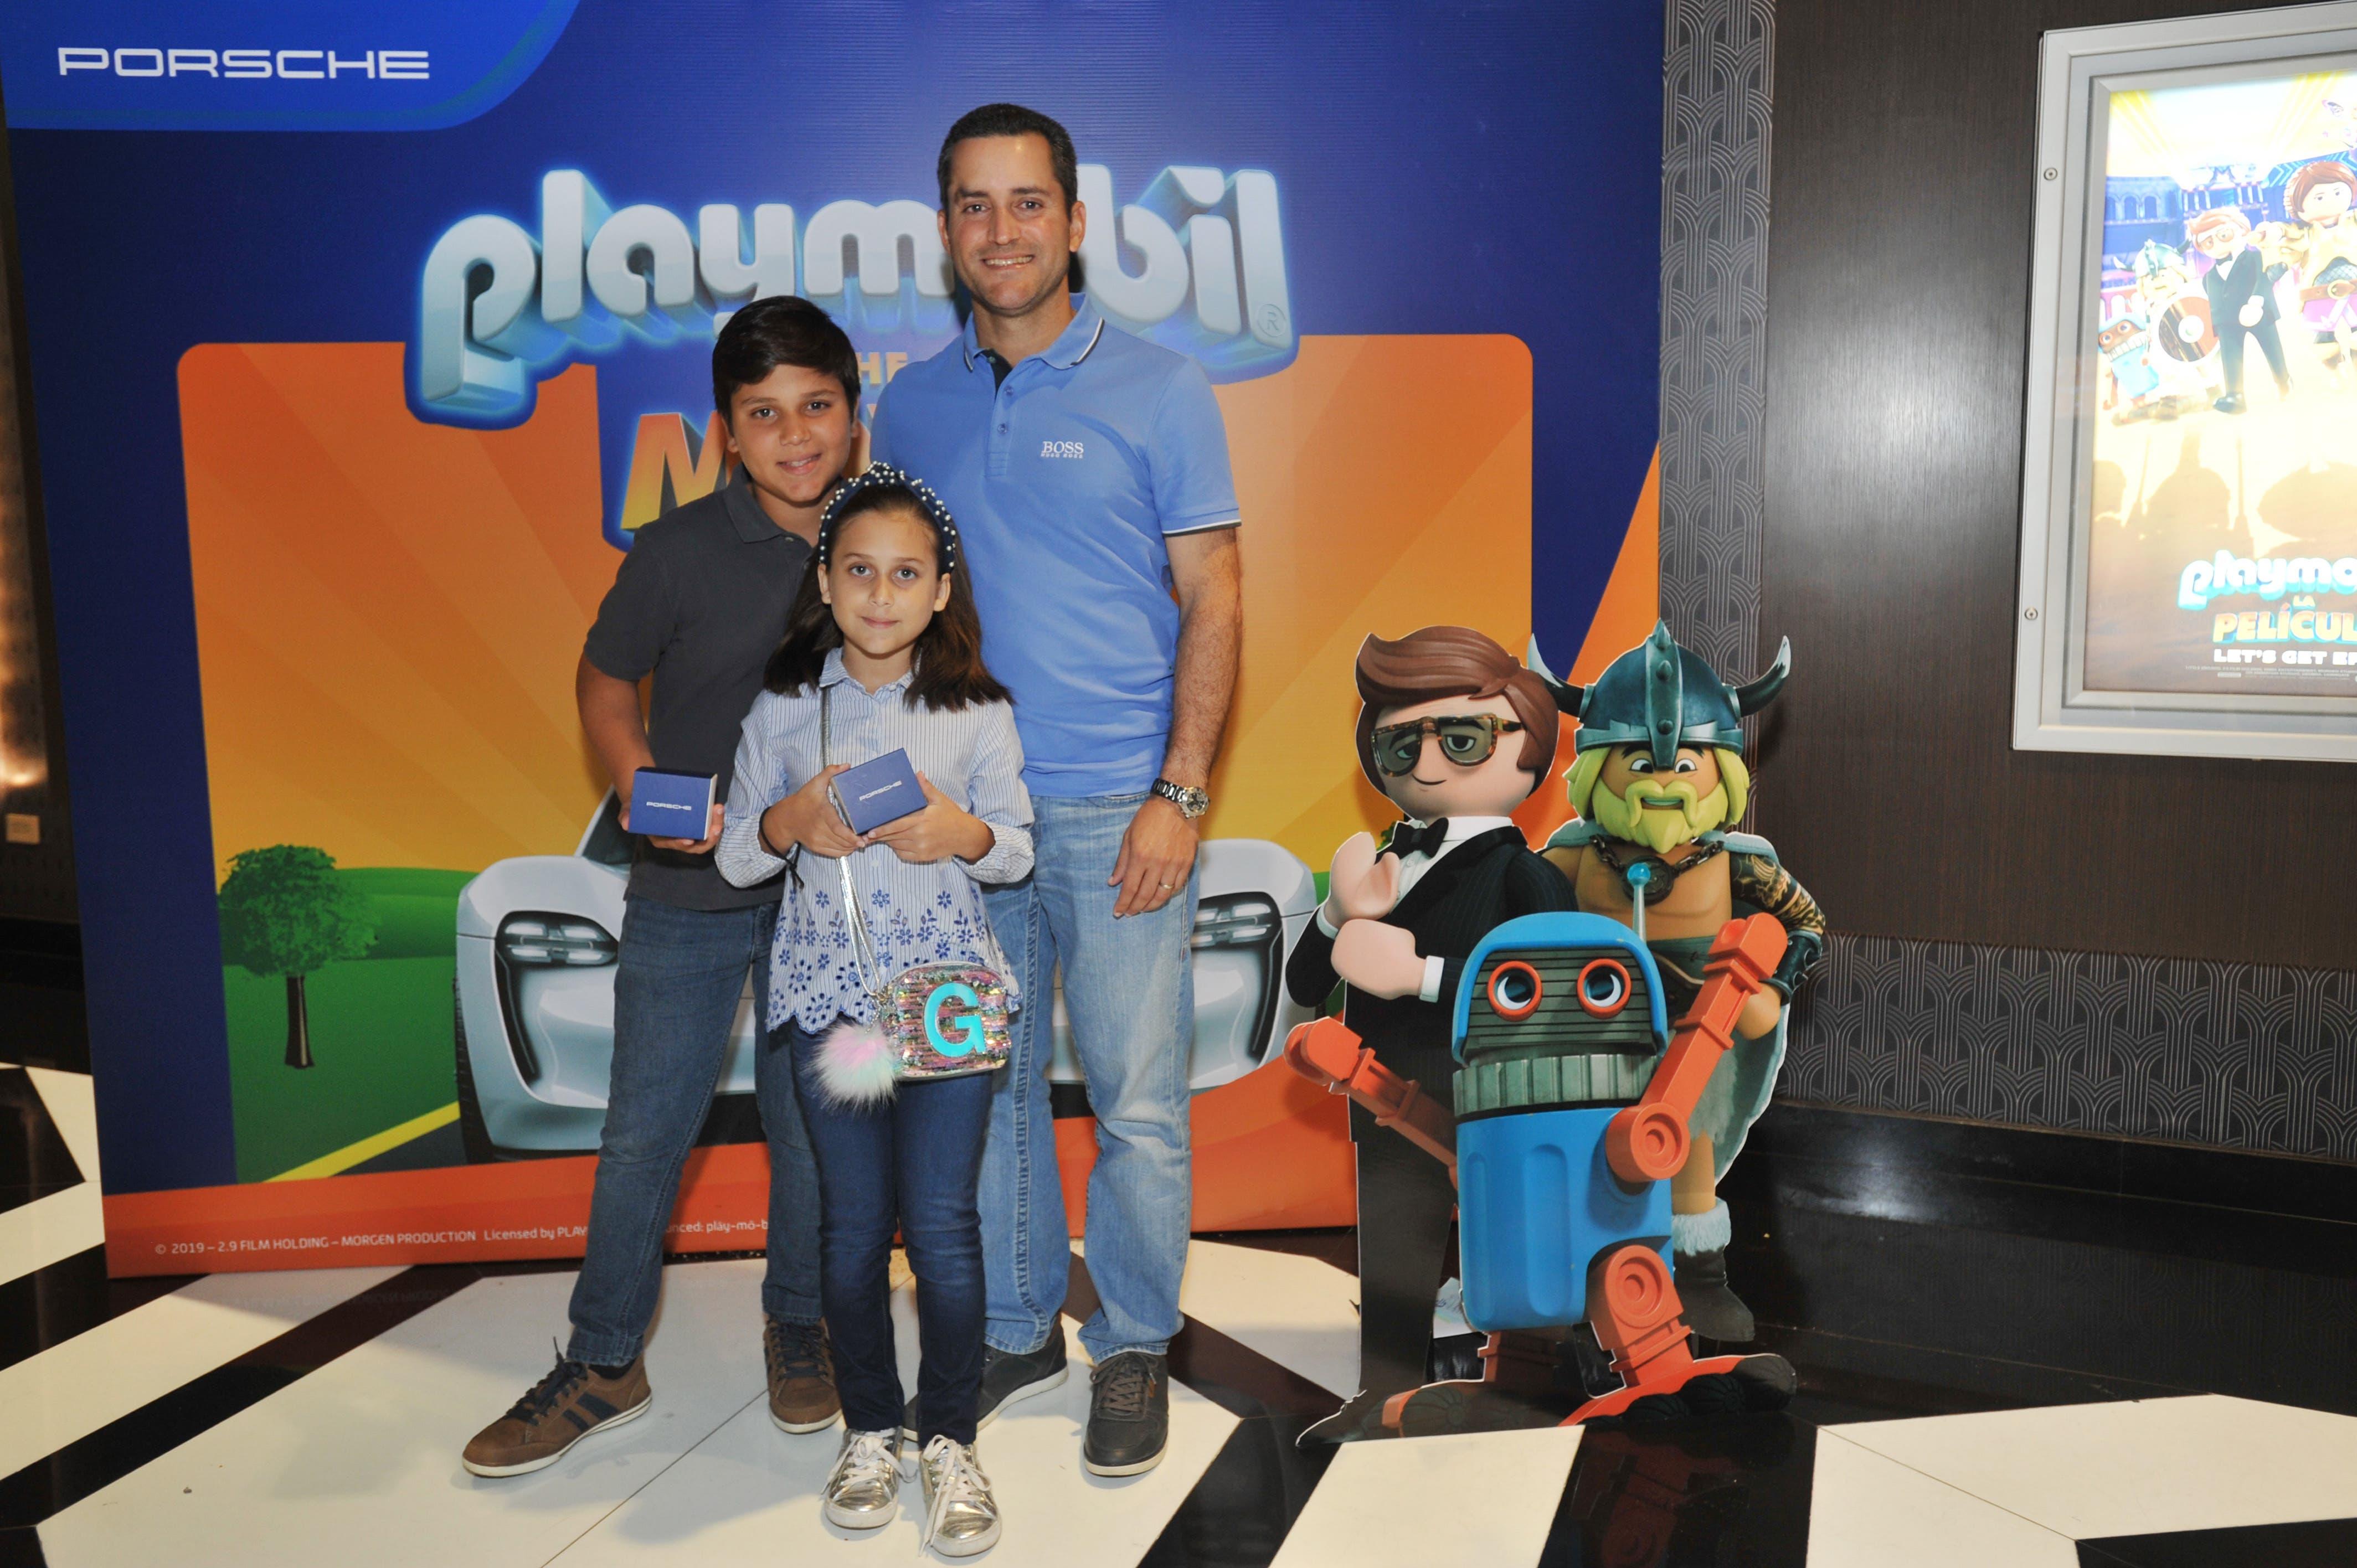 La película Playmobil llega a República Dominicana